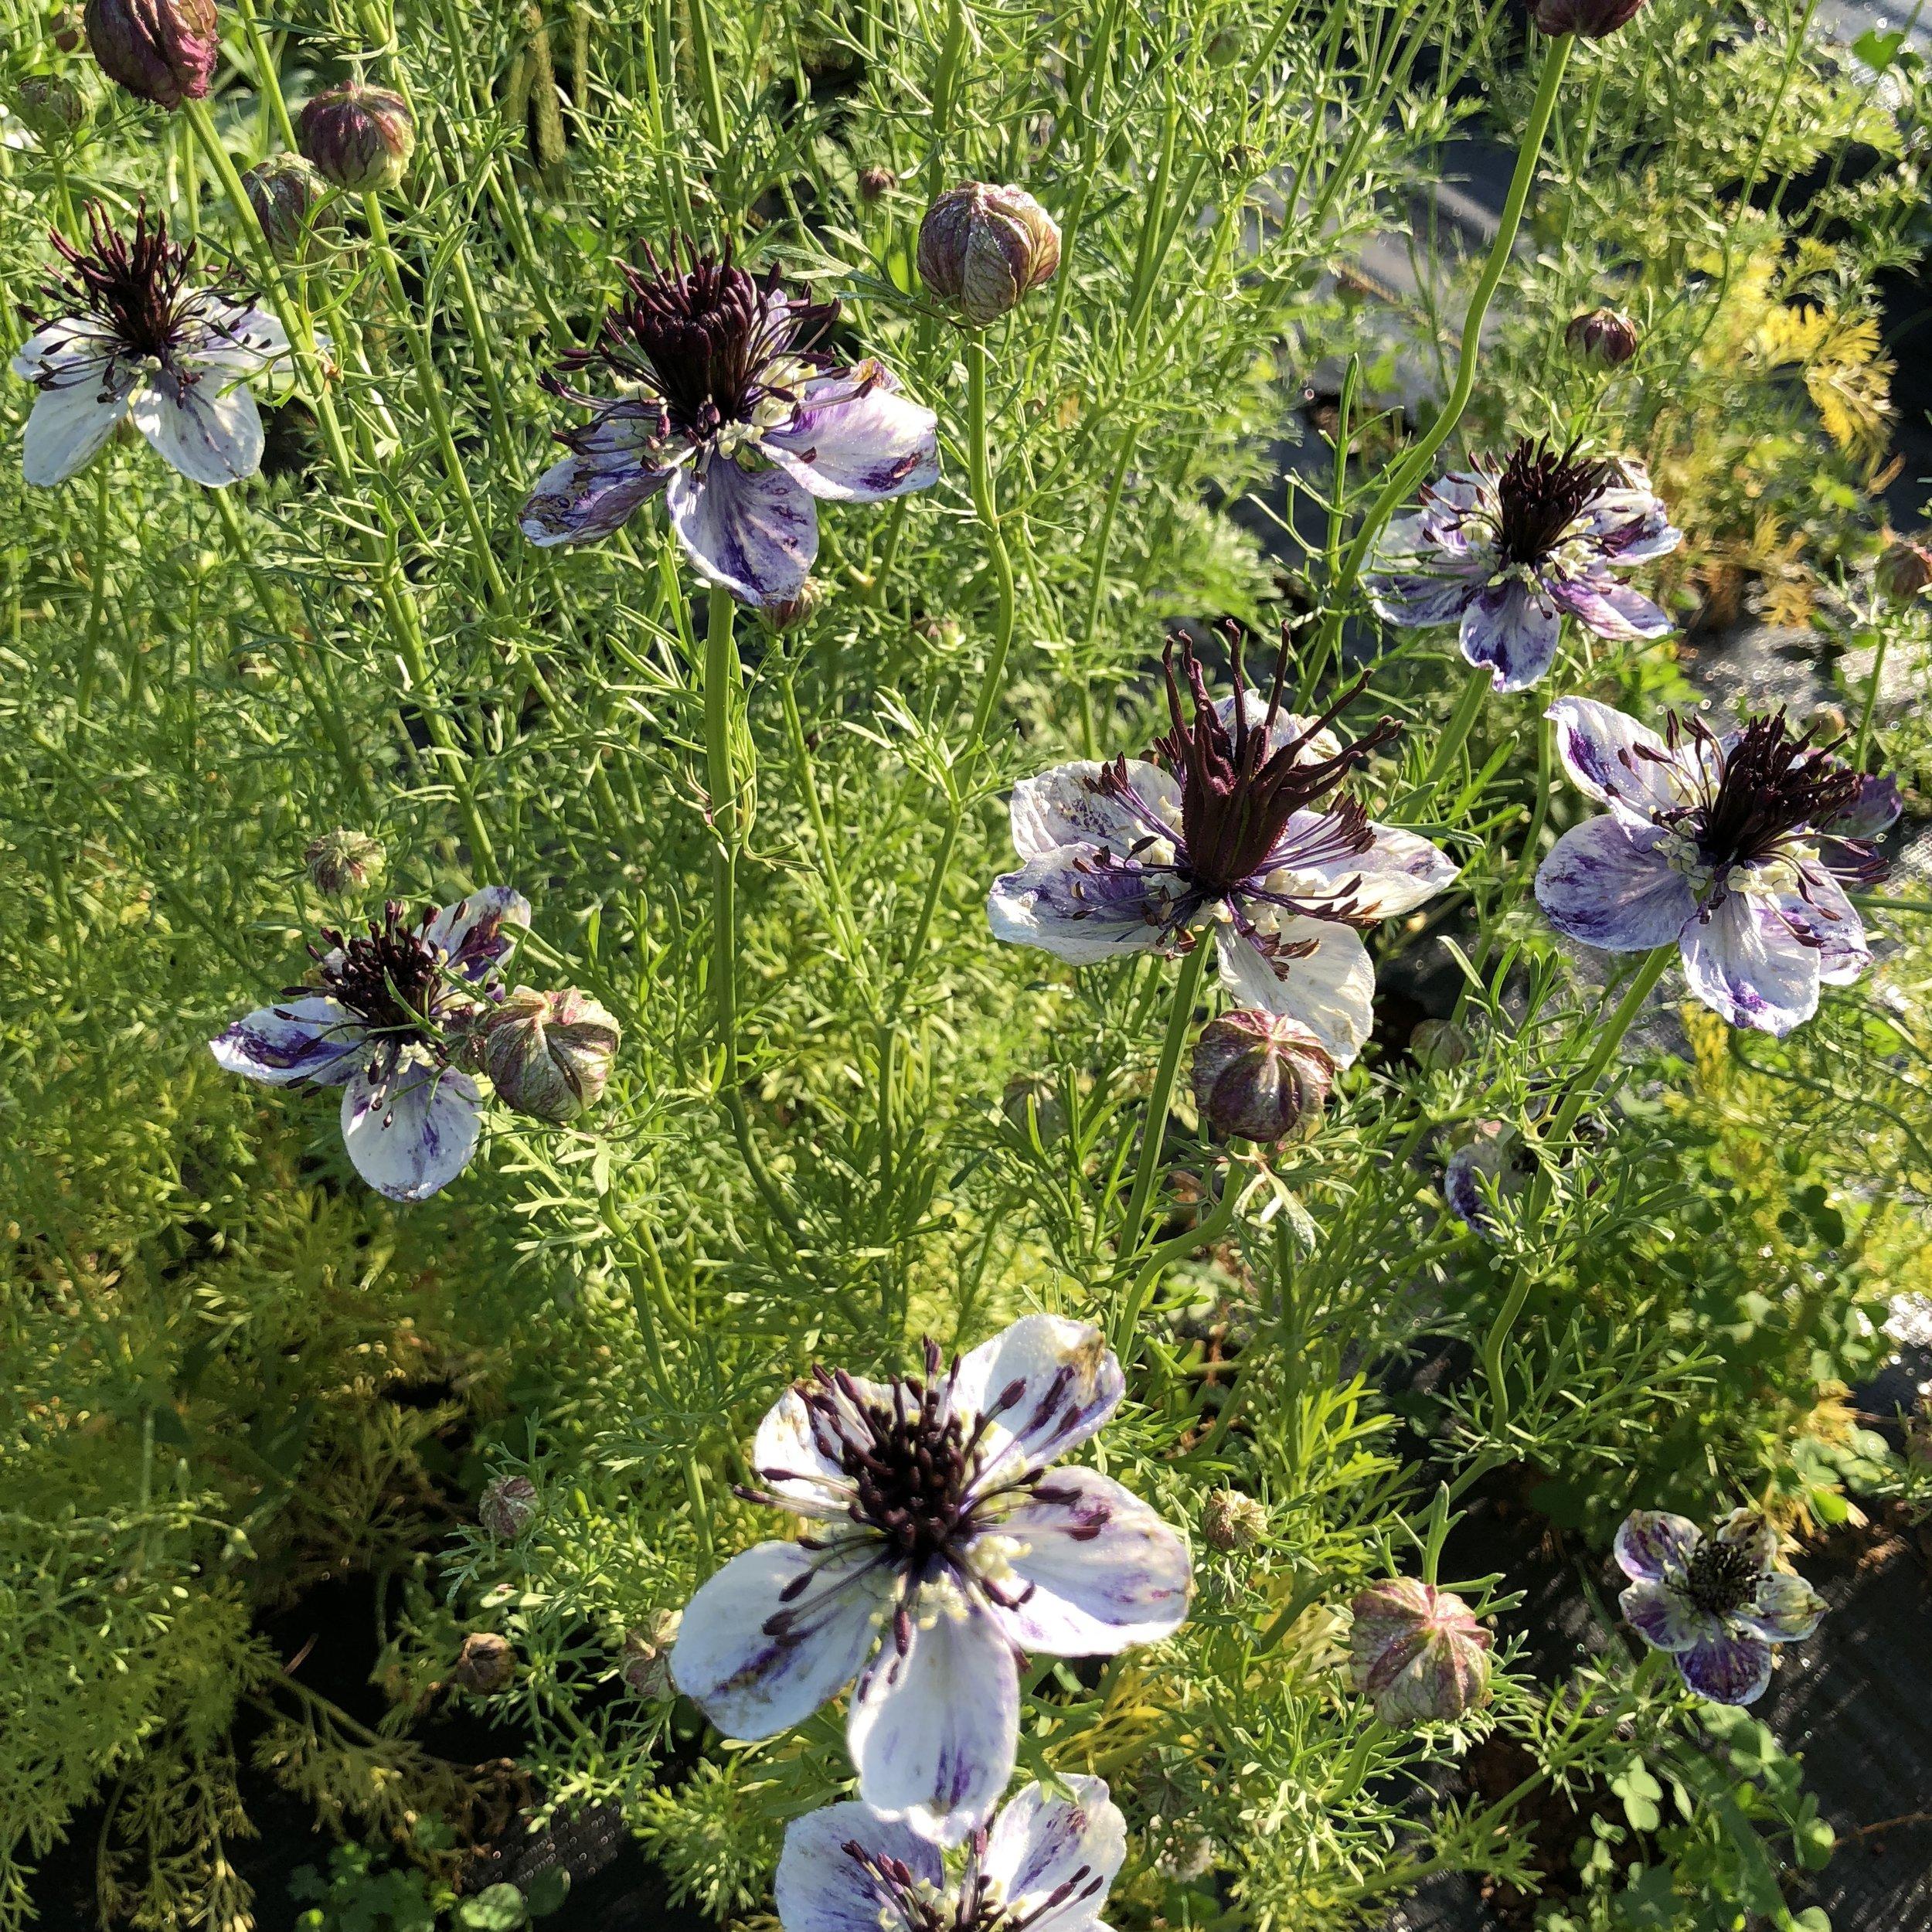 Nigella  flowers in full bloom